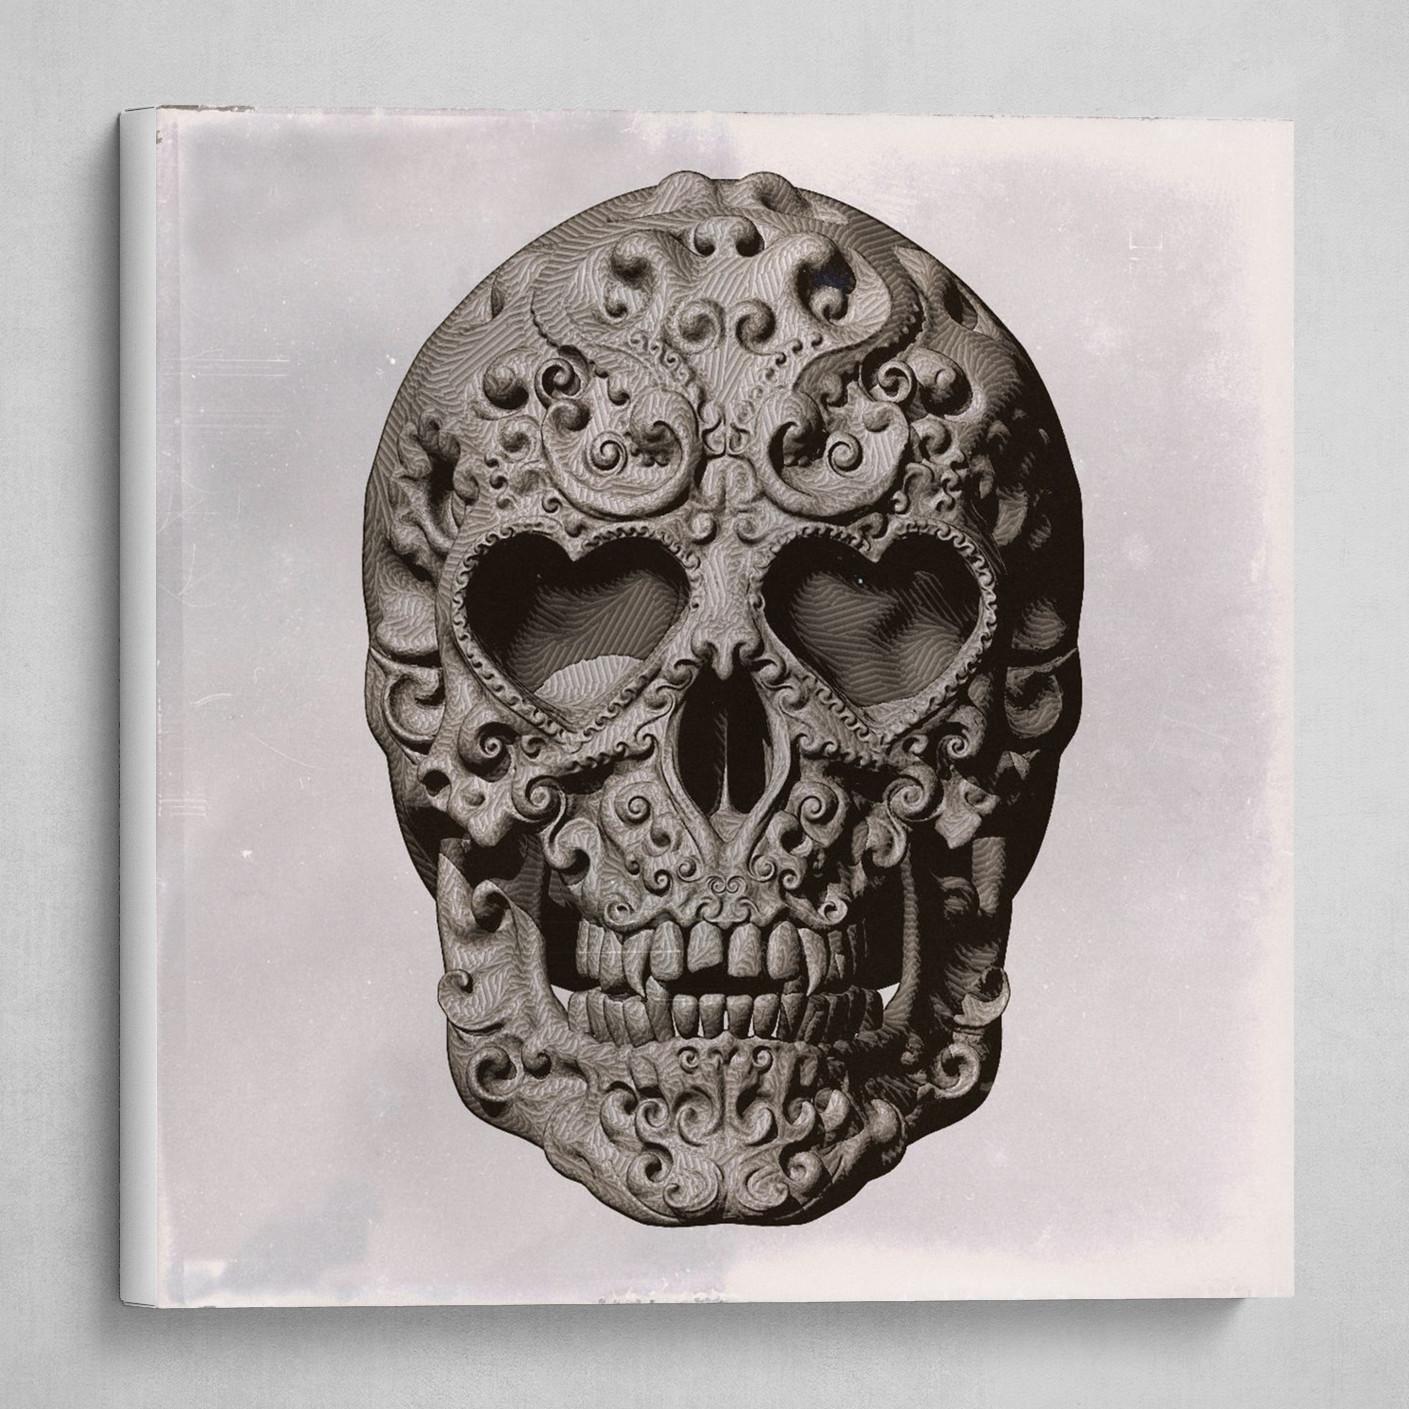 Mexican Skull Calavera Day of the dead themed - no signature Sepia tone